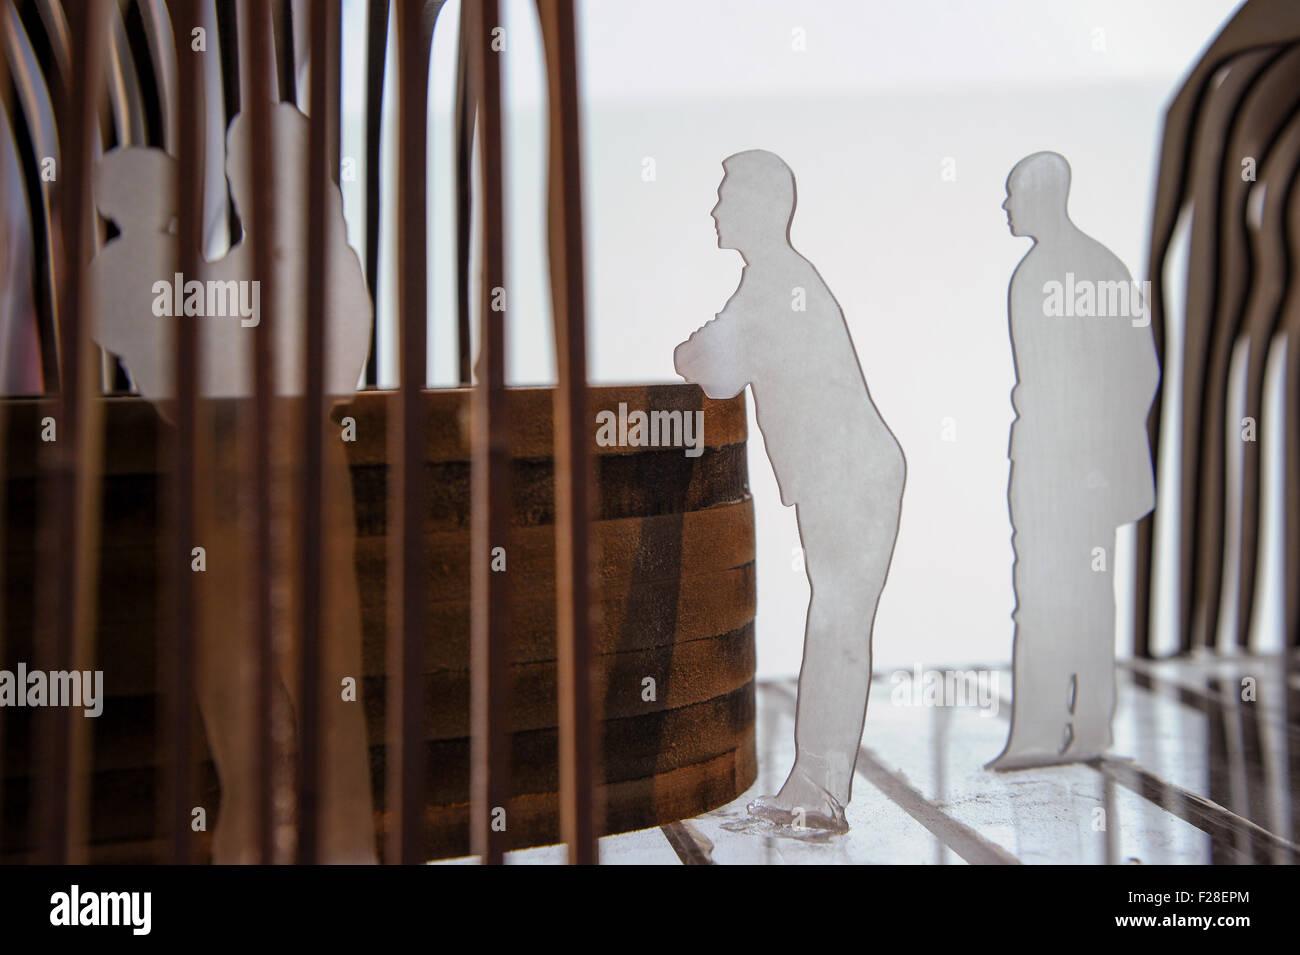 models of men waiting at a bar - Stock Image